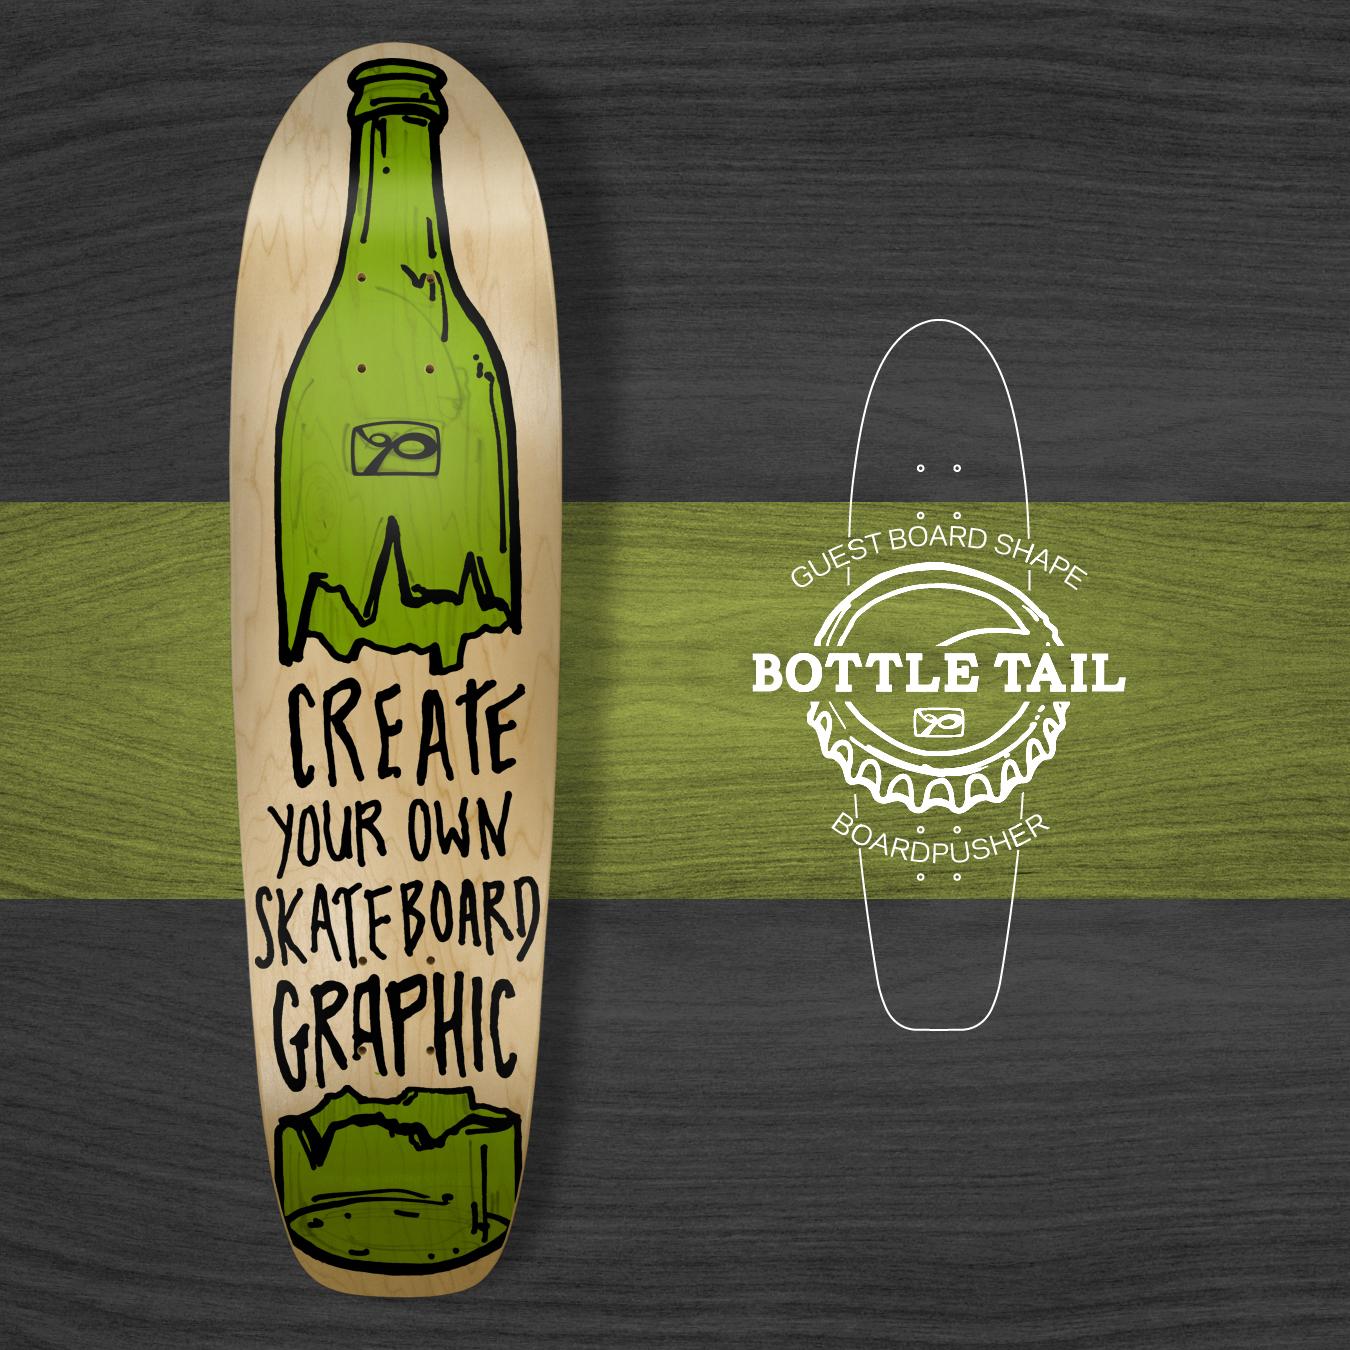 bottle_tail_social.jpg